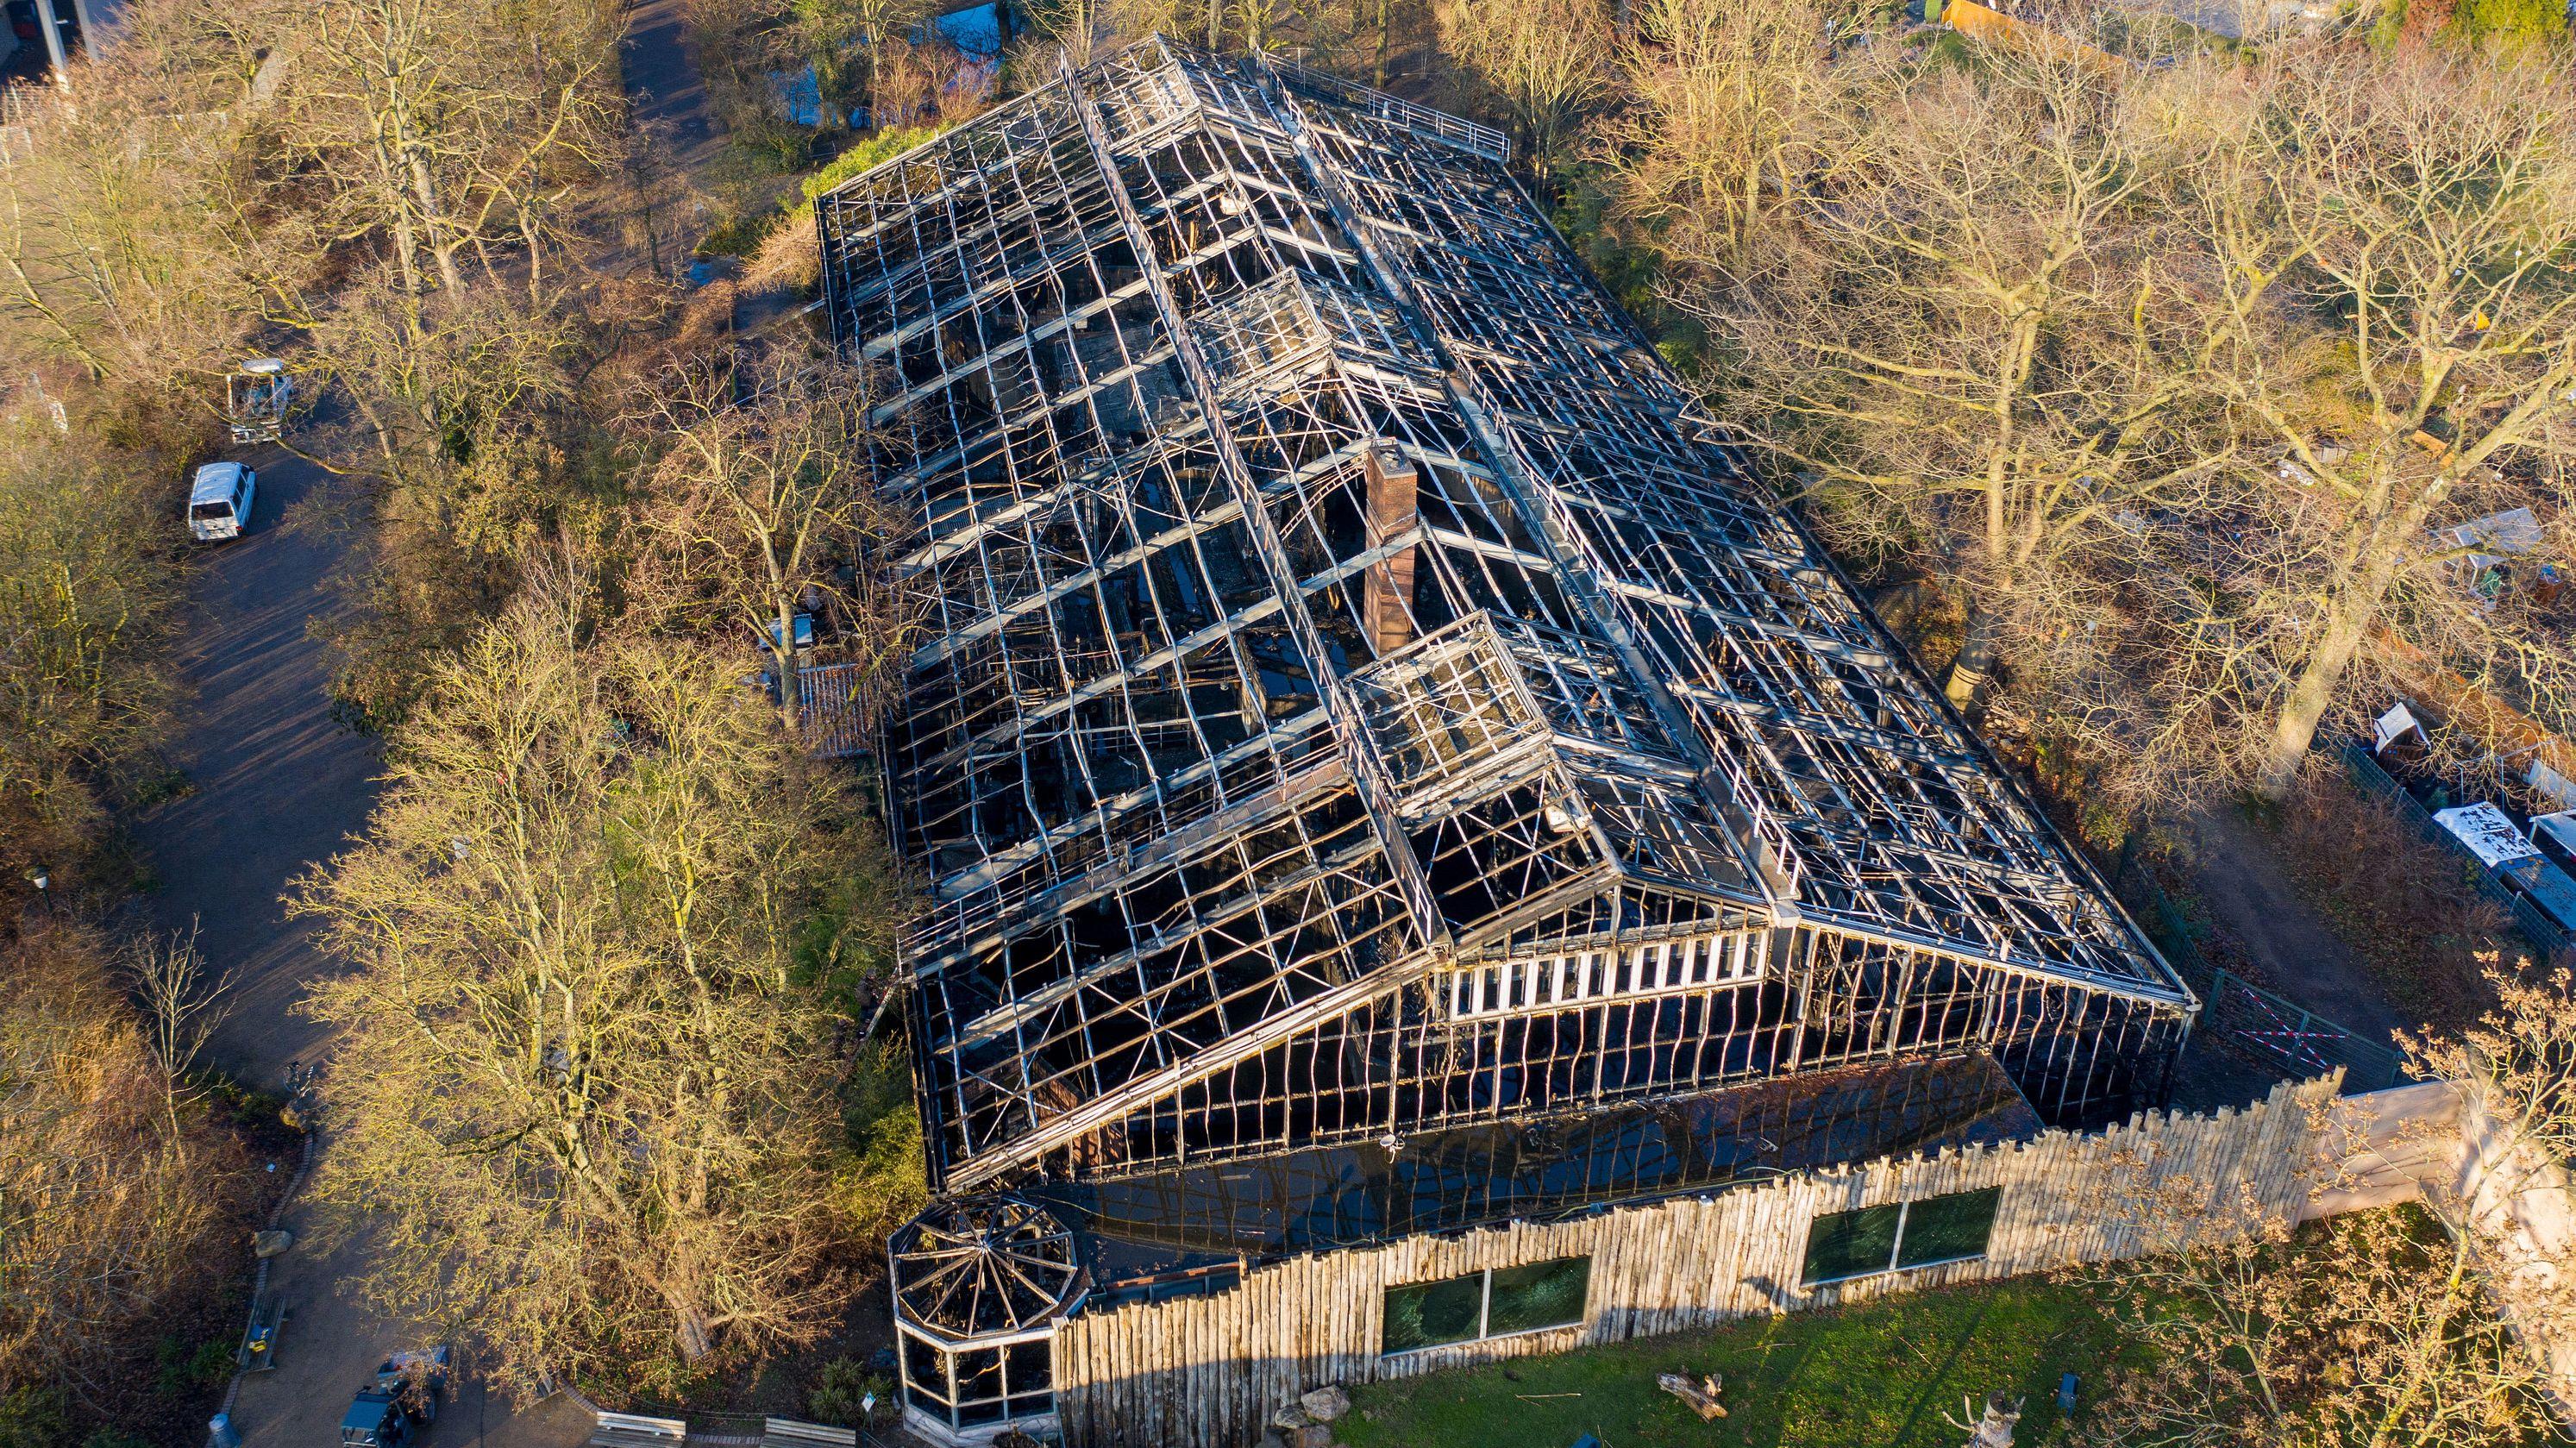 Das abgebrannte Affenhaus ist nach dem Brand in der Silvesternacht im Krefelder Zoo zu sehen.